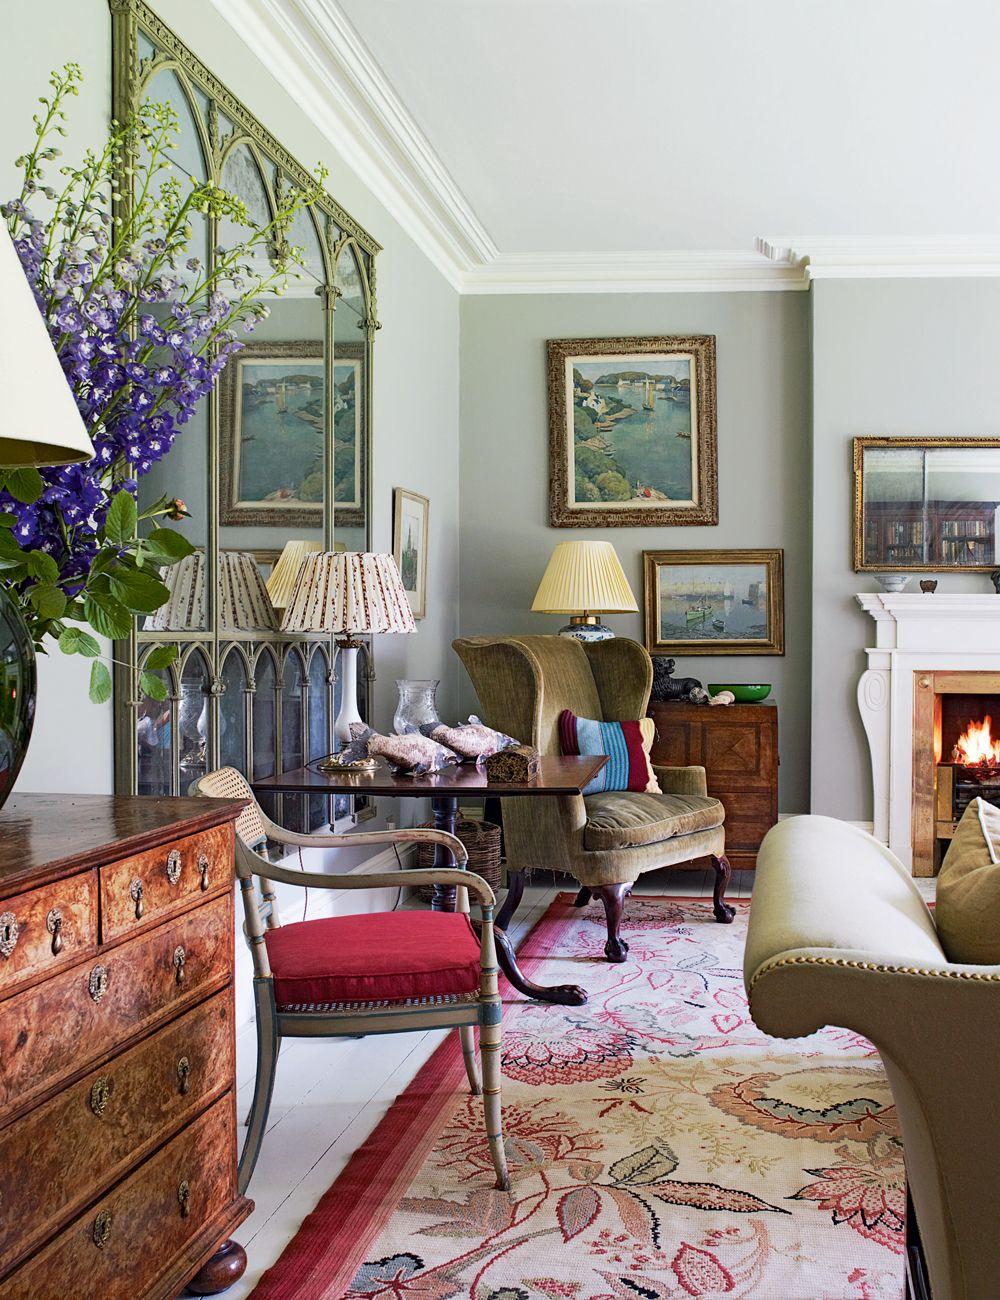 Max rollitt house u garden the list ideas for home pinterest